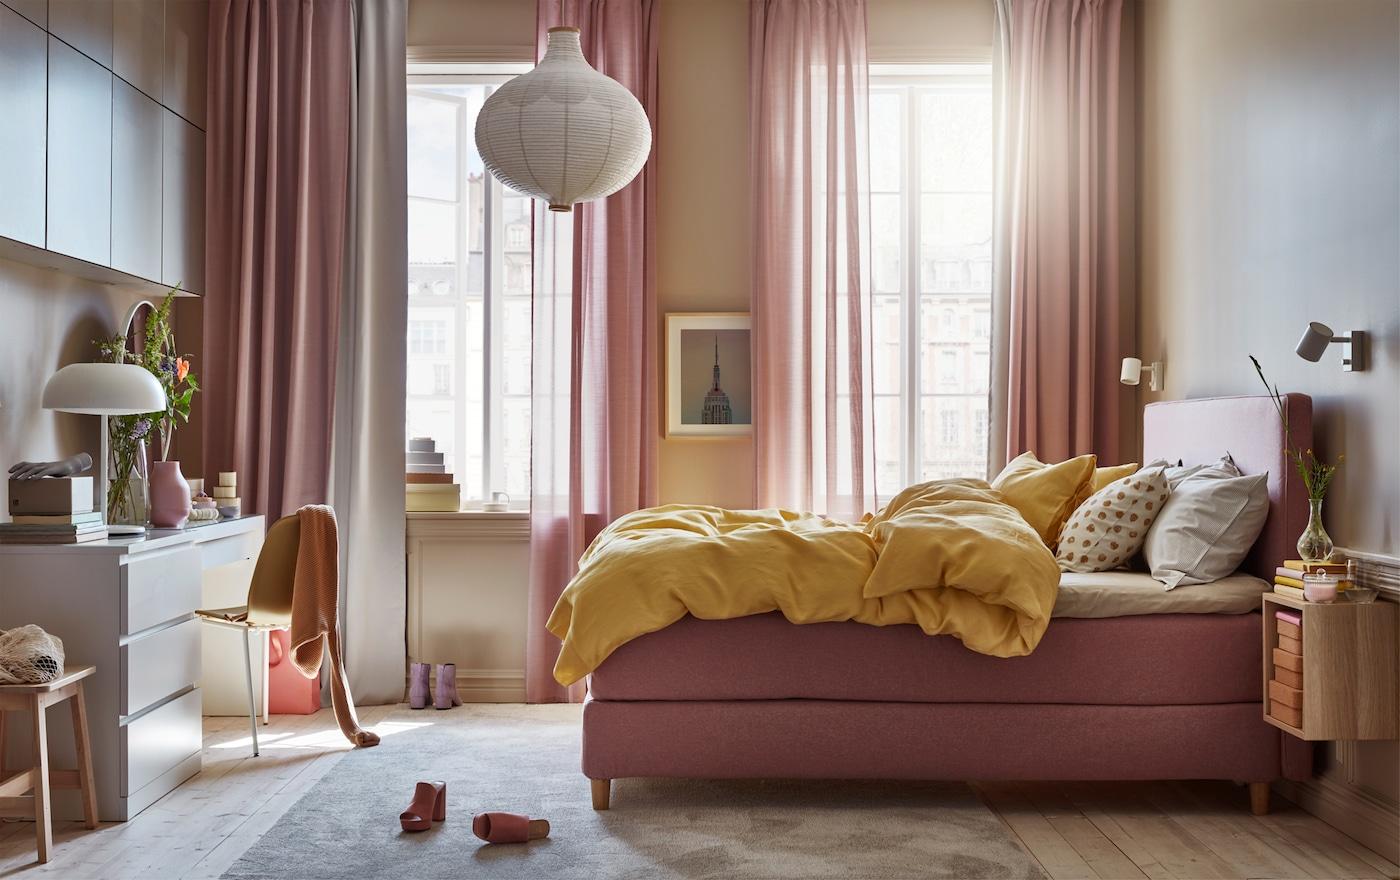 Full Size of Ikea Bett Schlafzimmer Wandgestaltung Wohnzimmer Hochbett Im Küche Kosten Sofa Mit Schlaffunktion Betten 160x200 Kaufen Miniküche Modulküche Bei Wohnzimmer Palettenbett Ikea